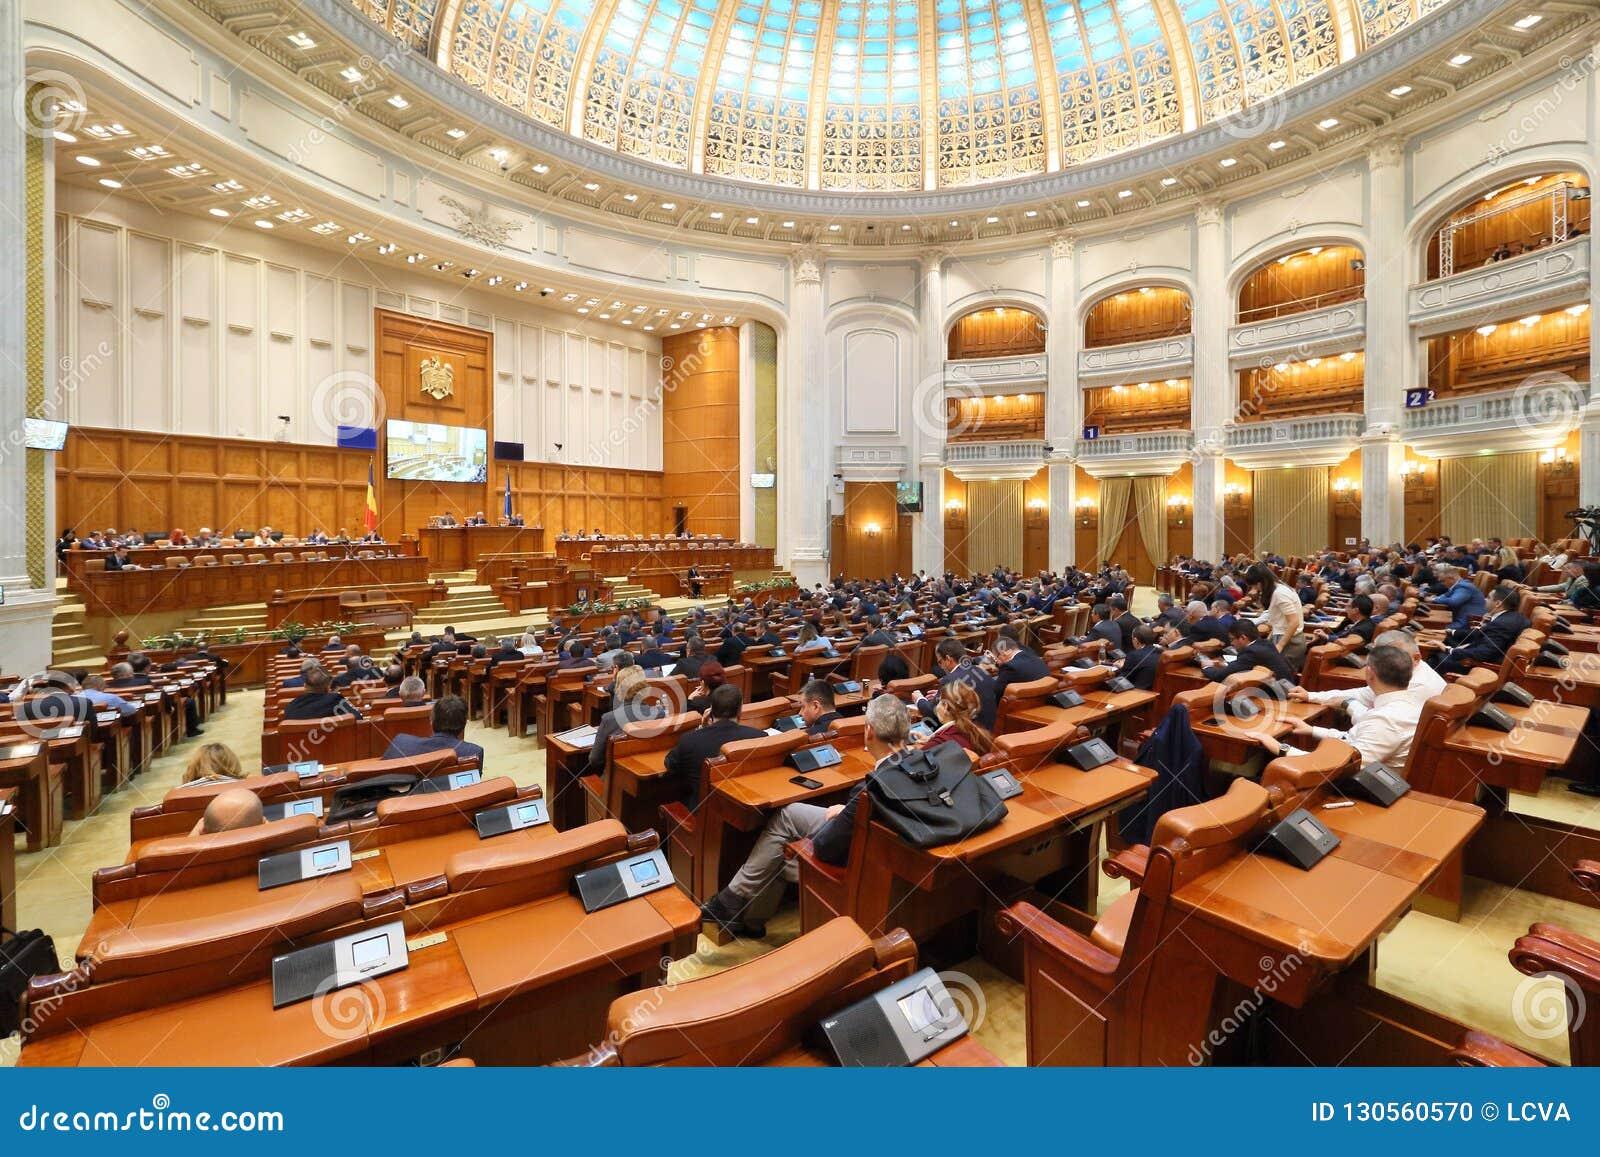 Картинки по запросу Палата депутатов Румынии